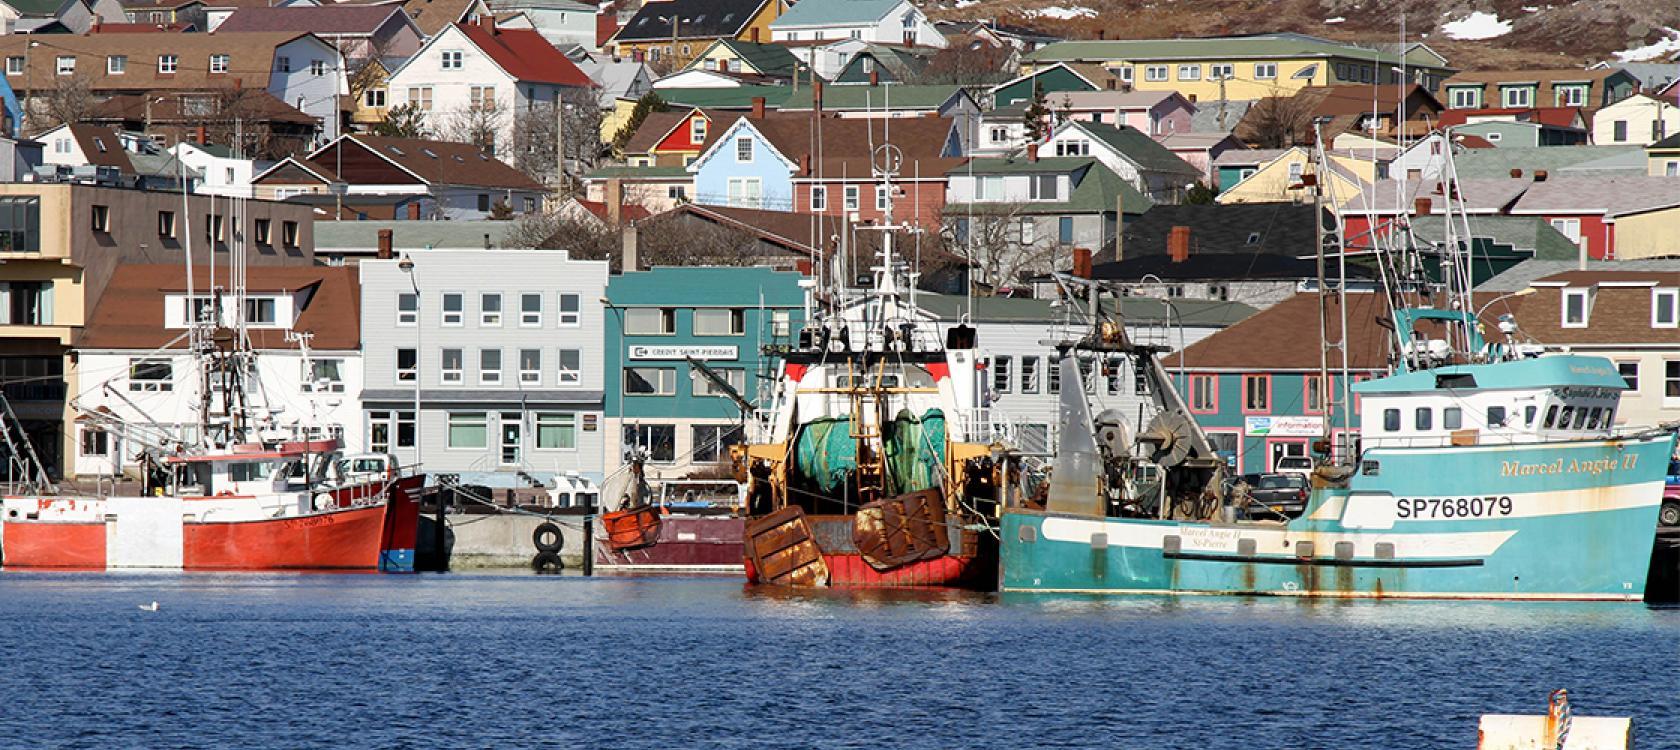 Saint-Pierre-et-Miquelon harbor, city, boat